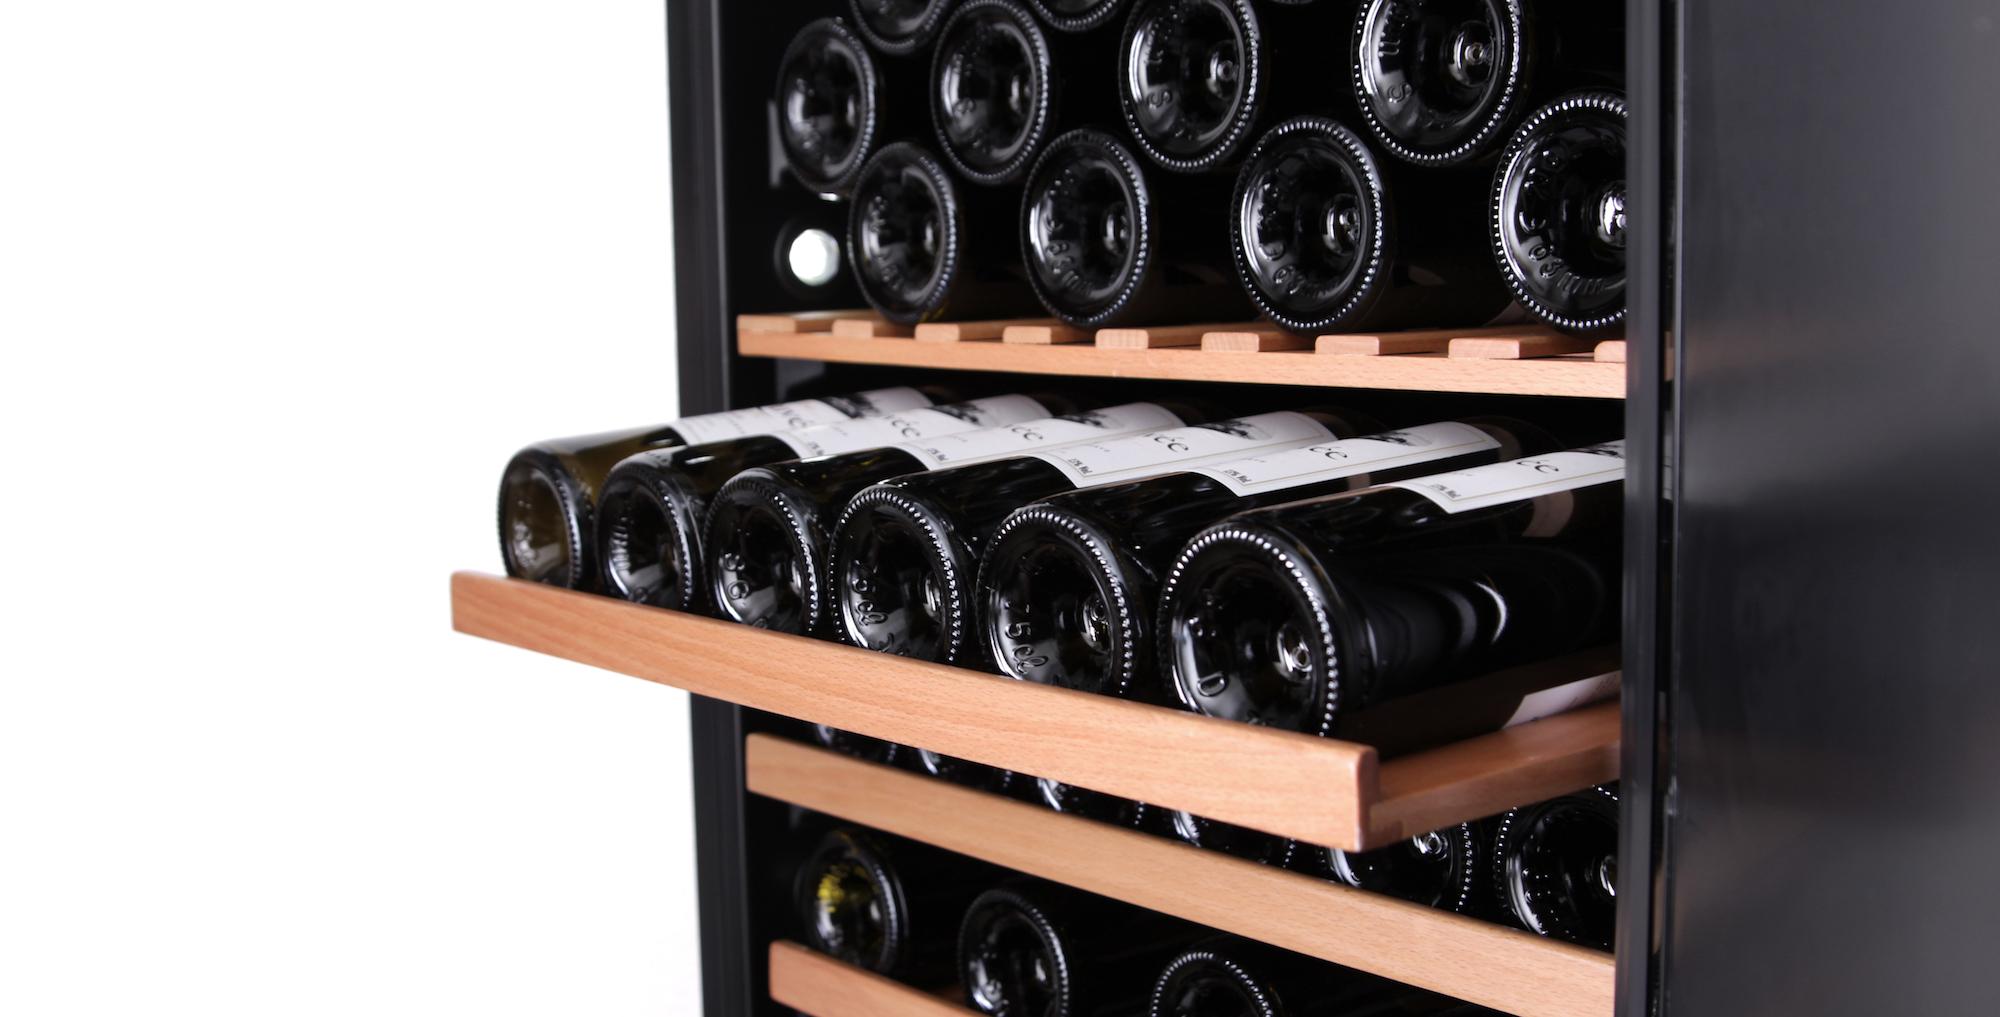 Vinlagringsskåp i svart design med 4 sliding-hyllor